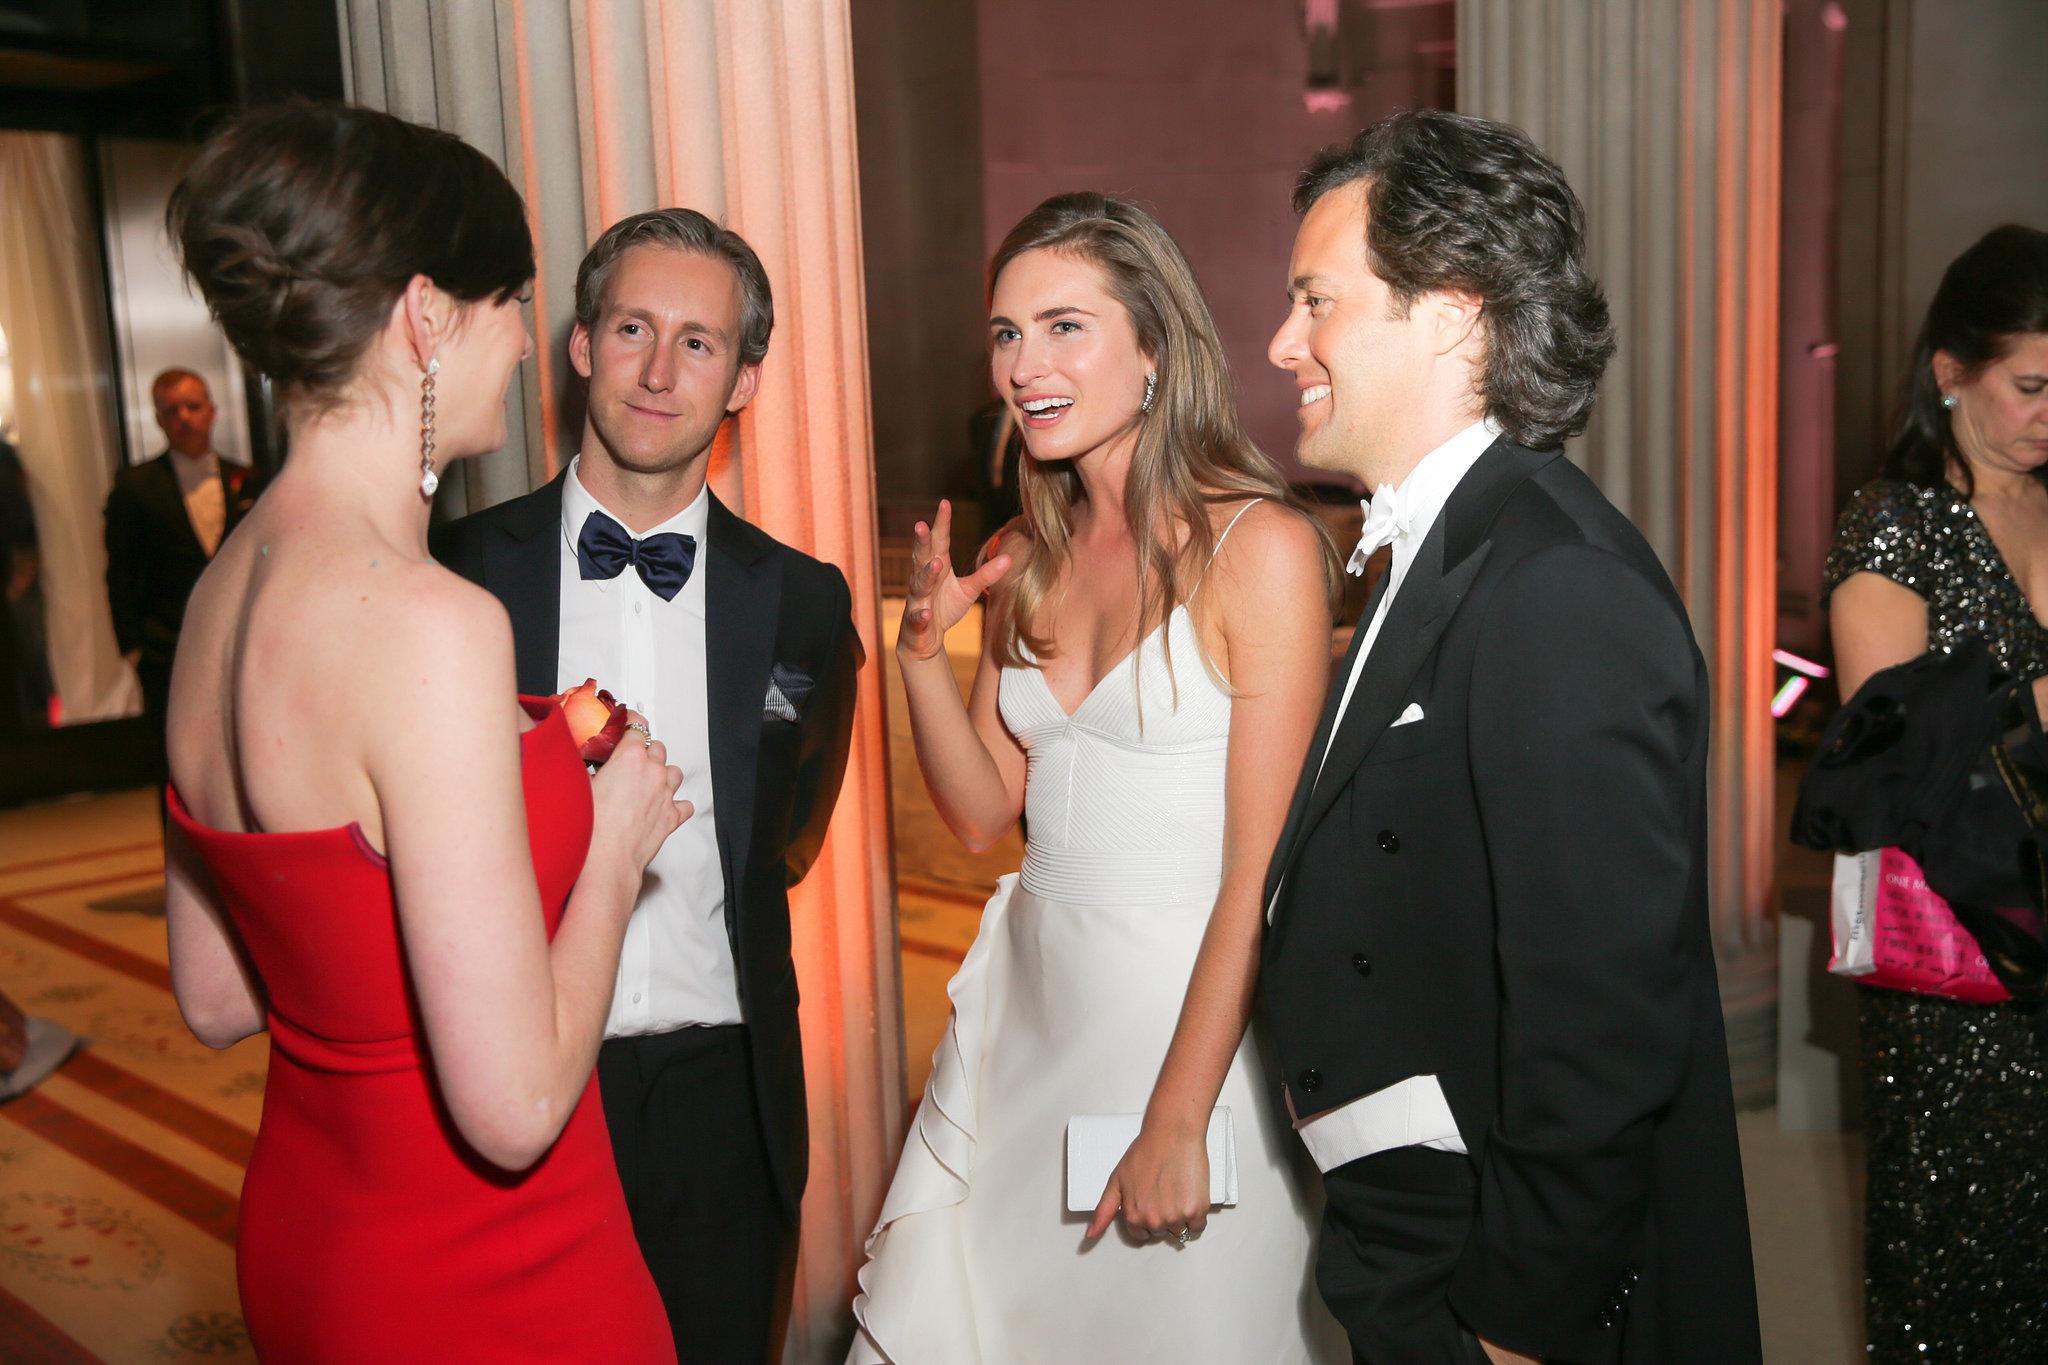 Anne Hathaway and her husband, Adam Shulman, met up with Lauren Bush Lauren and David Lauren.